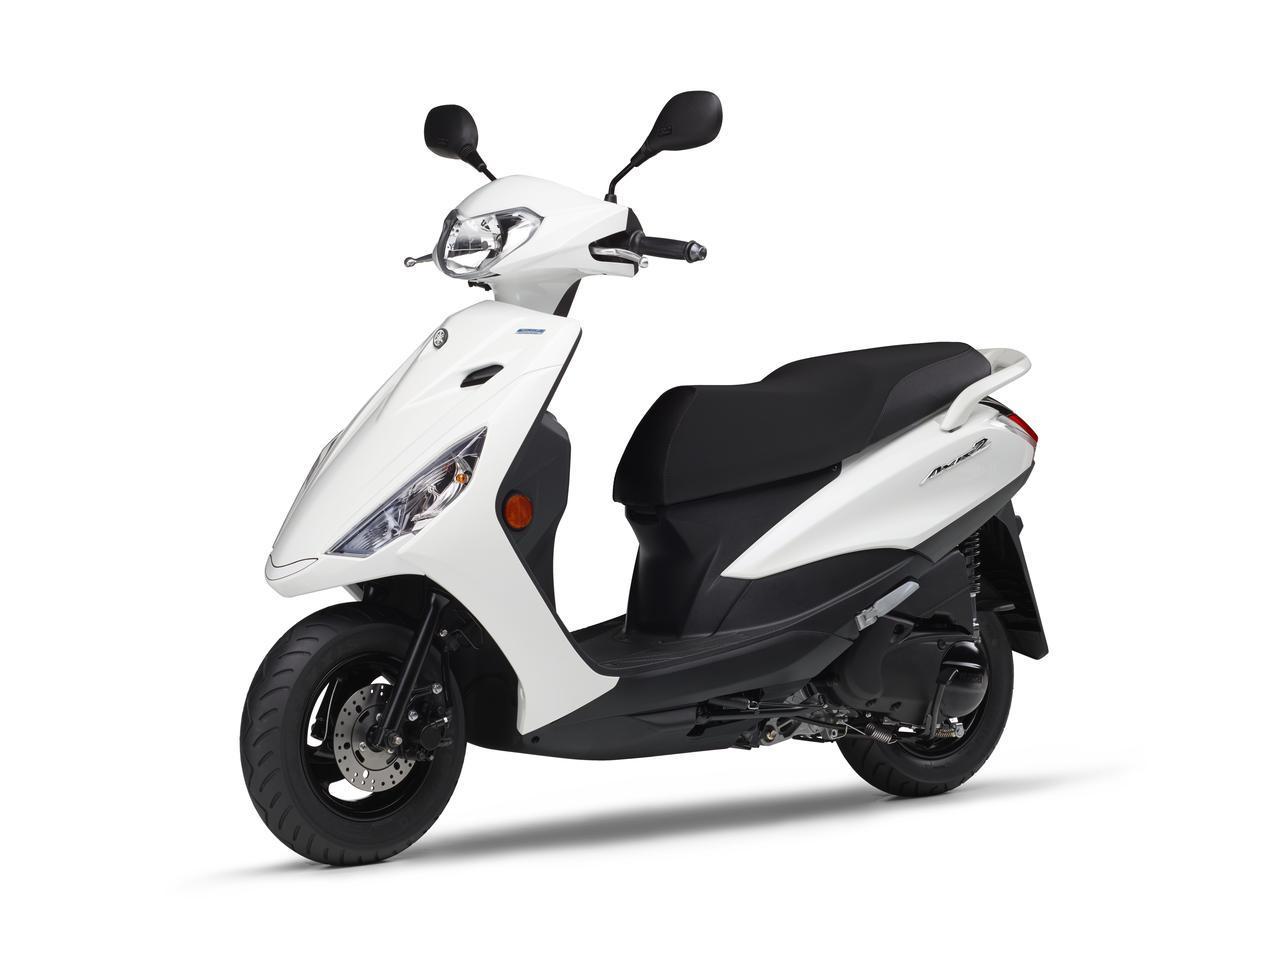 画像20: ヤマハが125ccスクーター「アクシスZ」の2021年モデルを発表! カラーは全5色設定で2月5日に発売